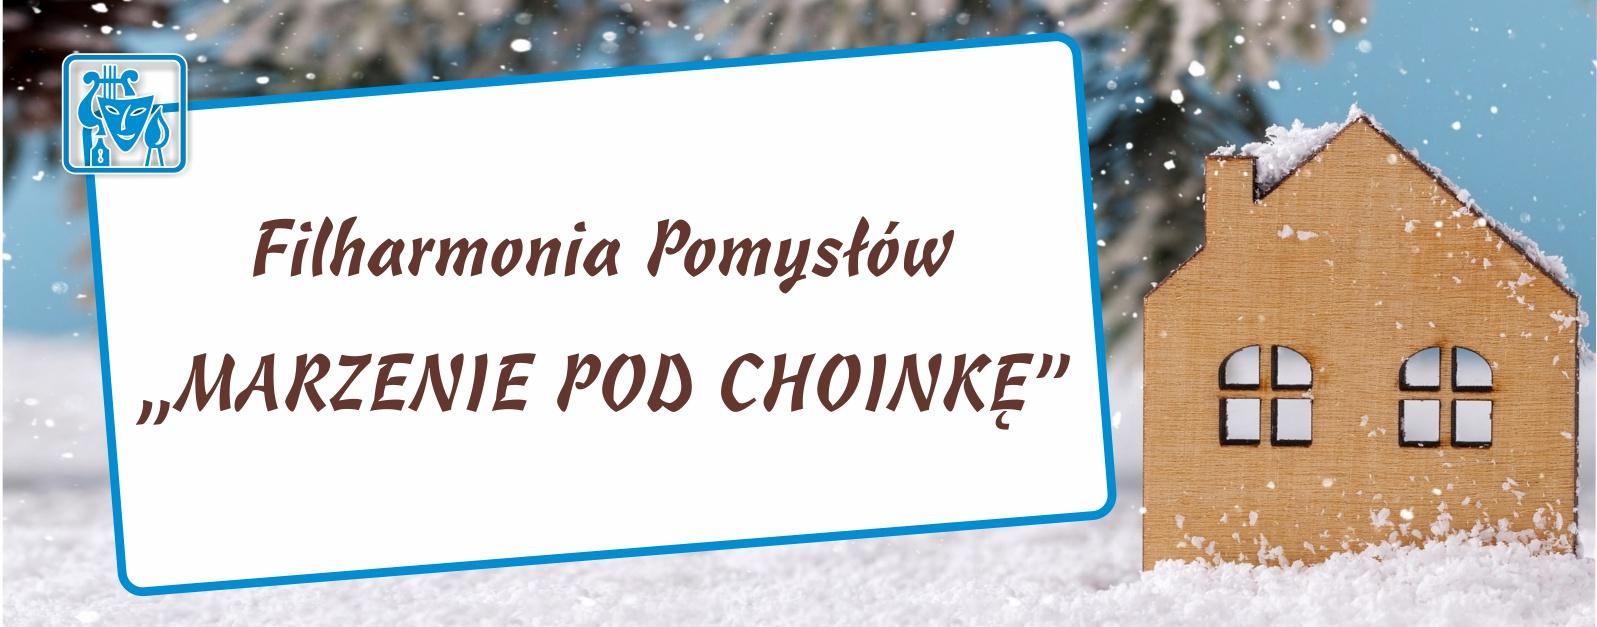 Plakat ferii zimowych z napisem Filharmonia pomysłów, Marzenie pod choinkę